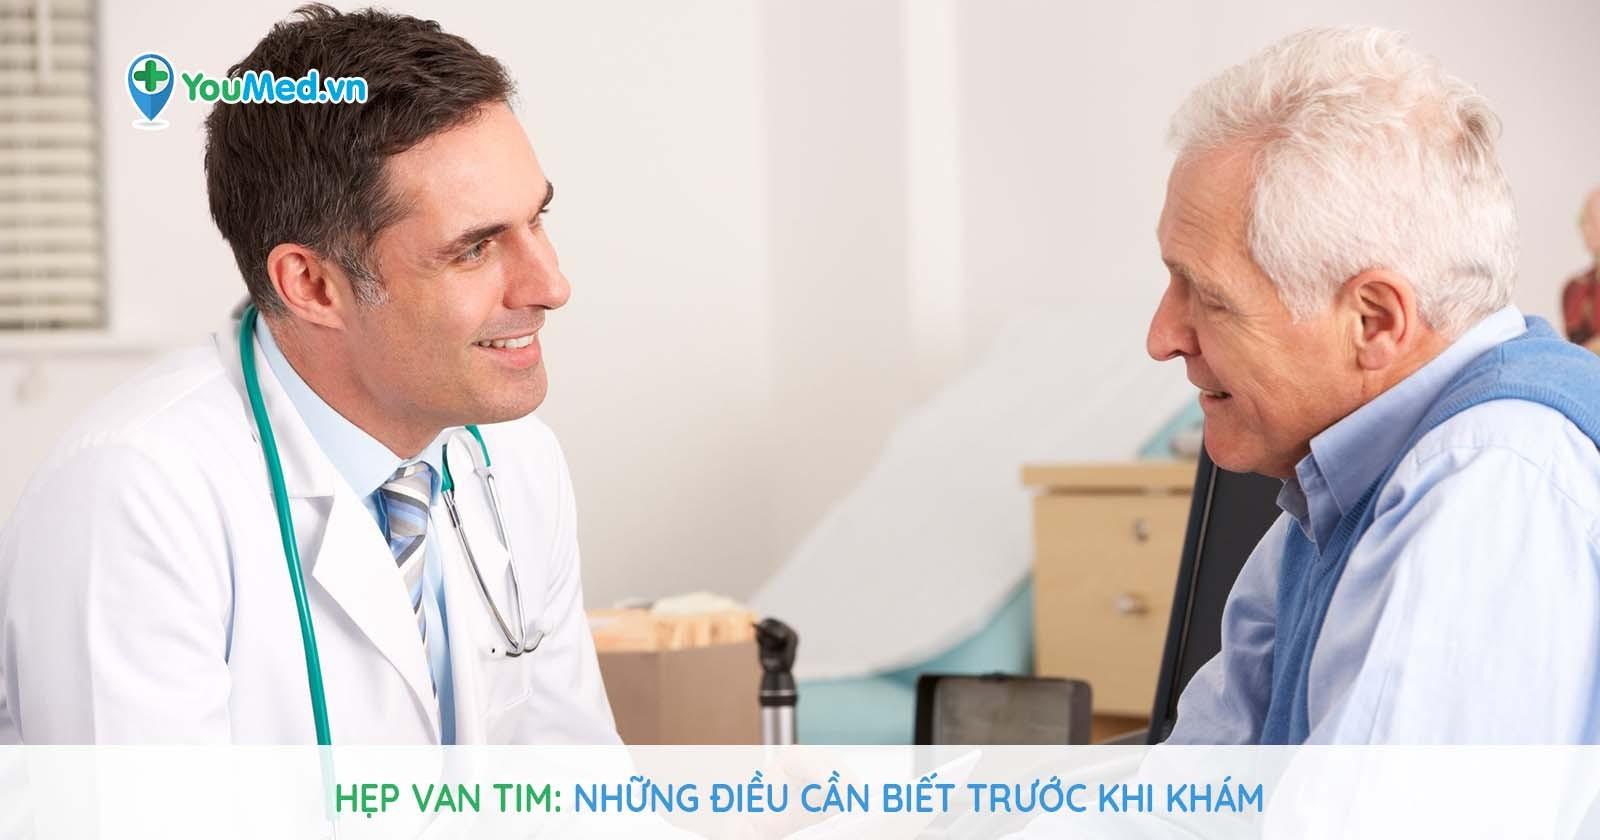 Hẹp van tim: Những điều cần biết trước khi khám